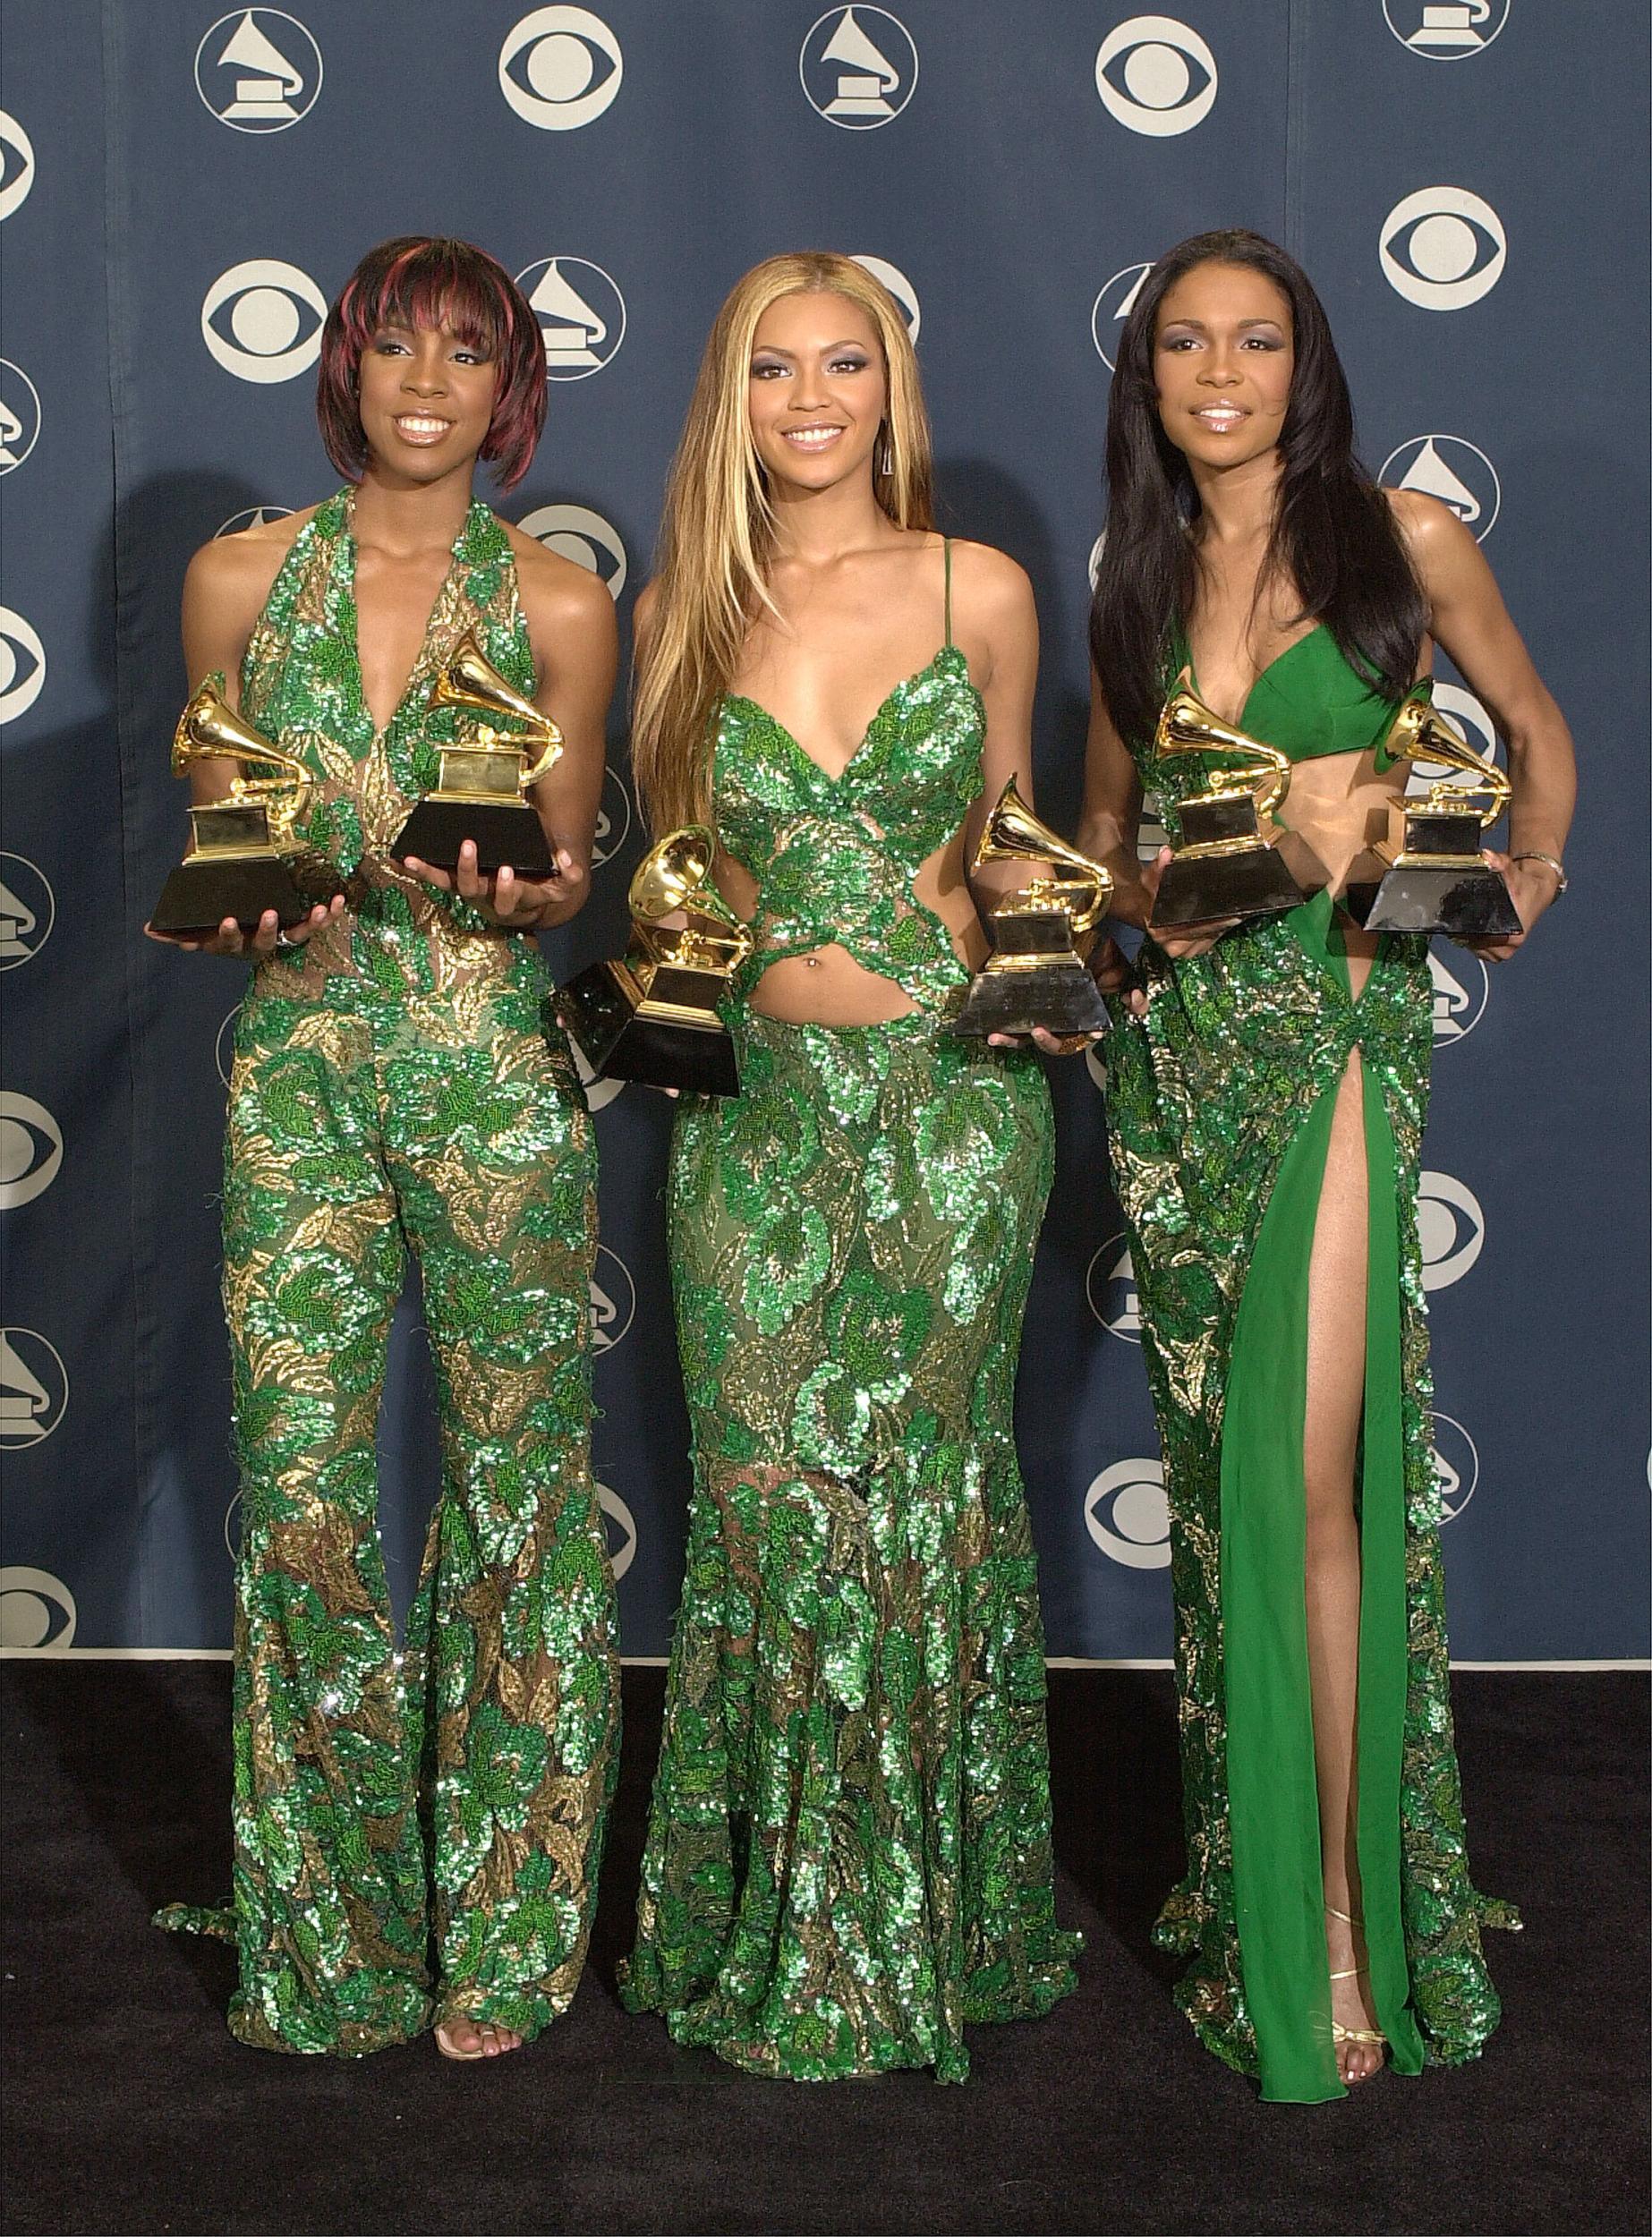 43rd Grammy Awards, February 2001